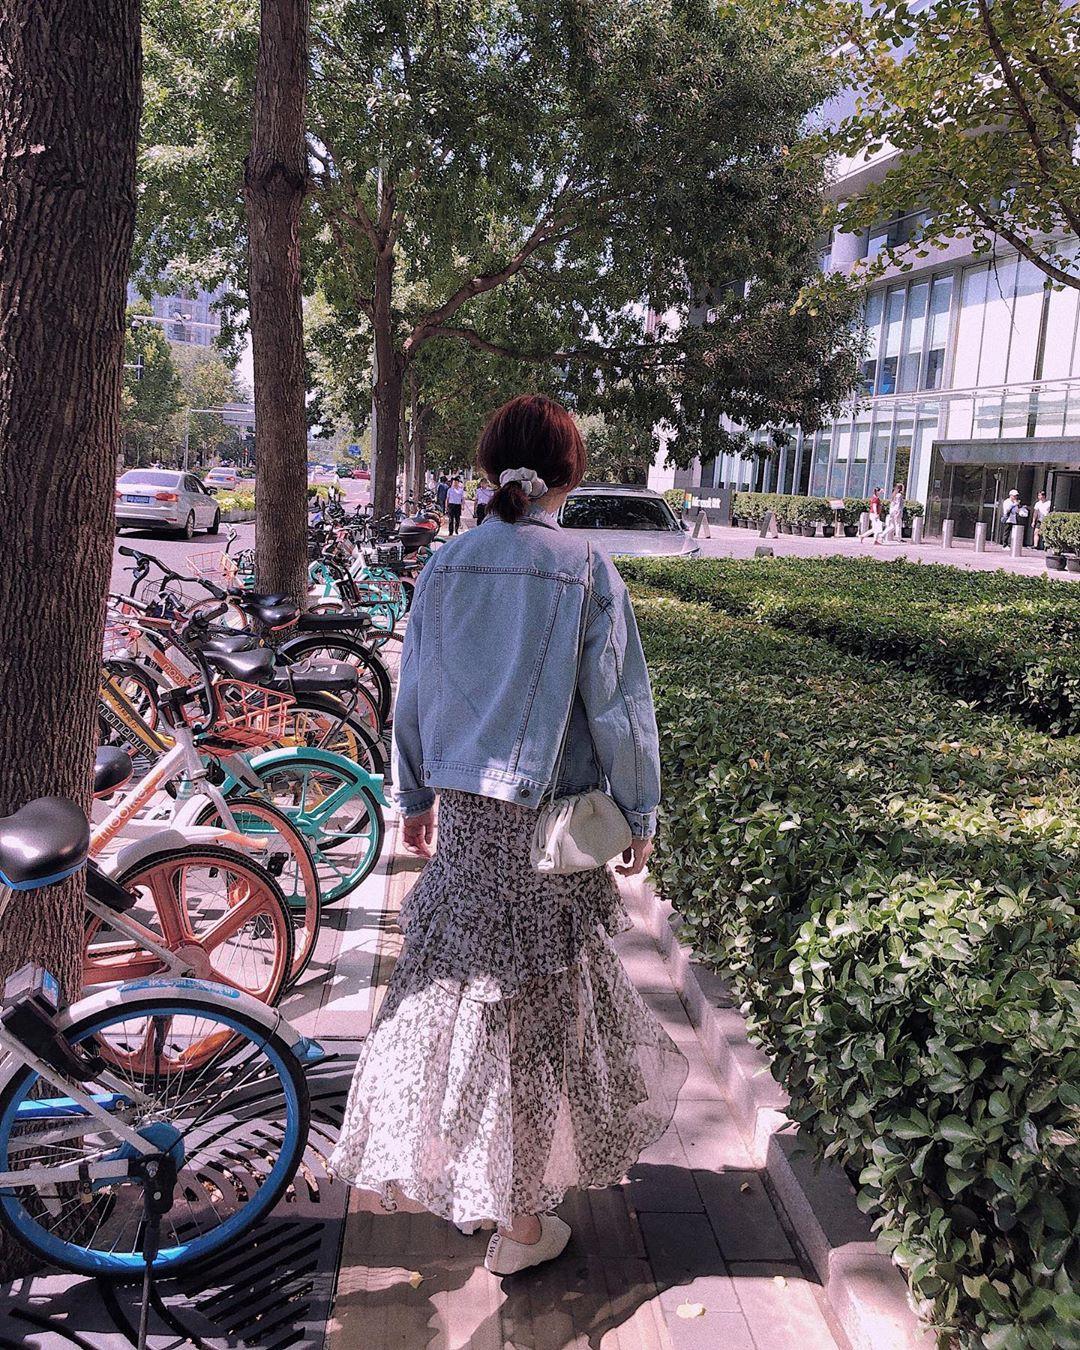 Giờ áo khoác denim toàn được diện theo cách điệu đời thế này, bạn phải bắt sóng luôn để trời trở lạnh là kịp xinh đẹp - Hình 13